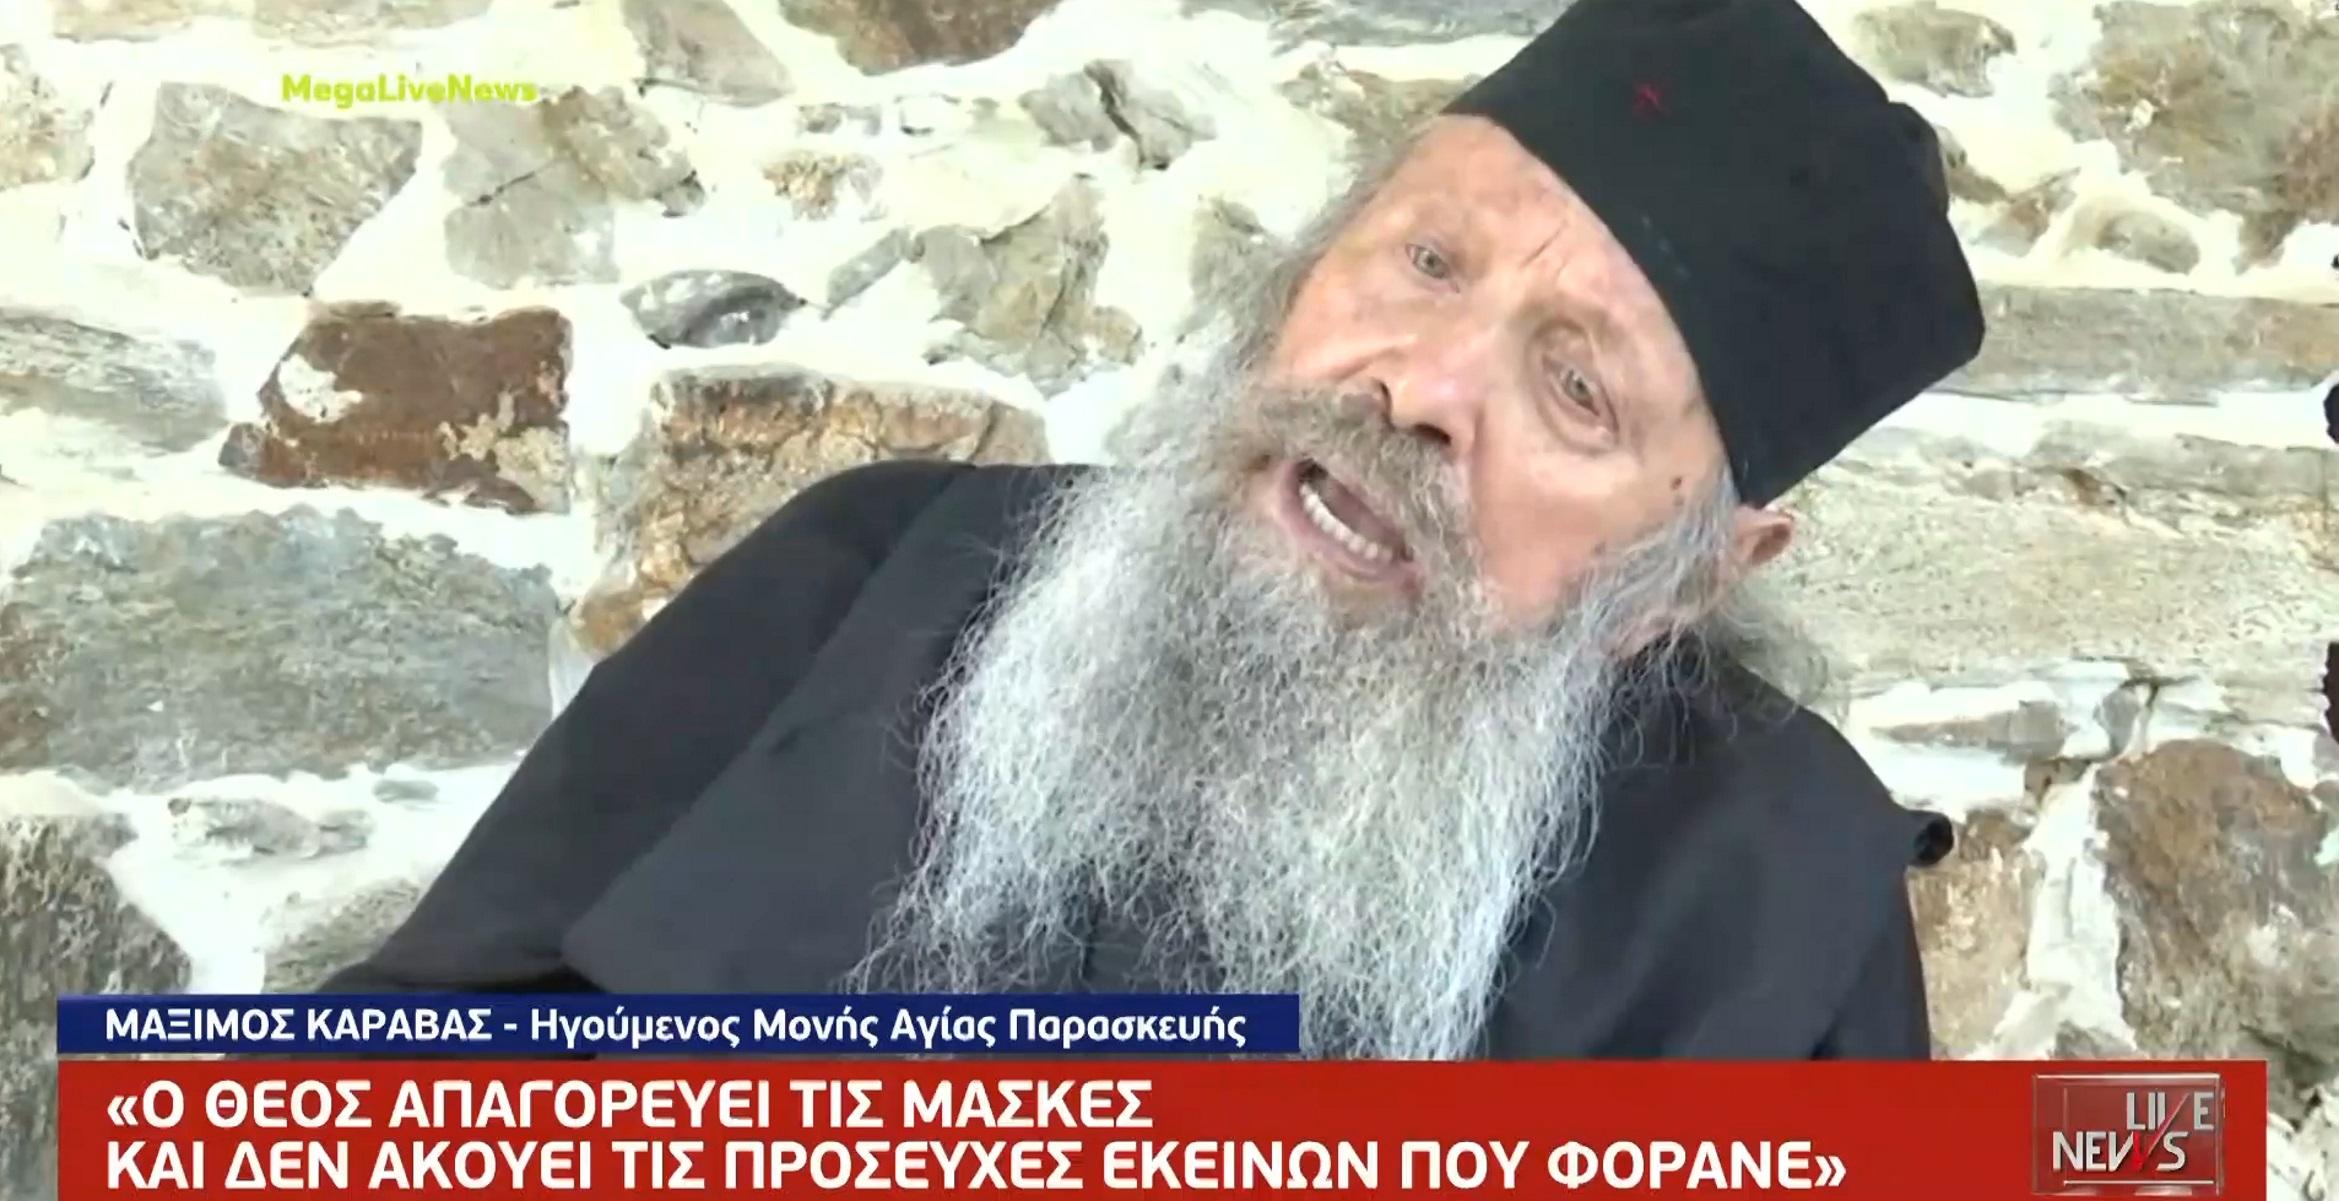 Κορονοϊός – Κοζάνη: Στο Live News ο ηγούμενος του μοναστηριού που απαγόρευσε τις μάσκες